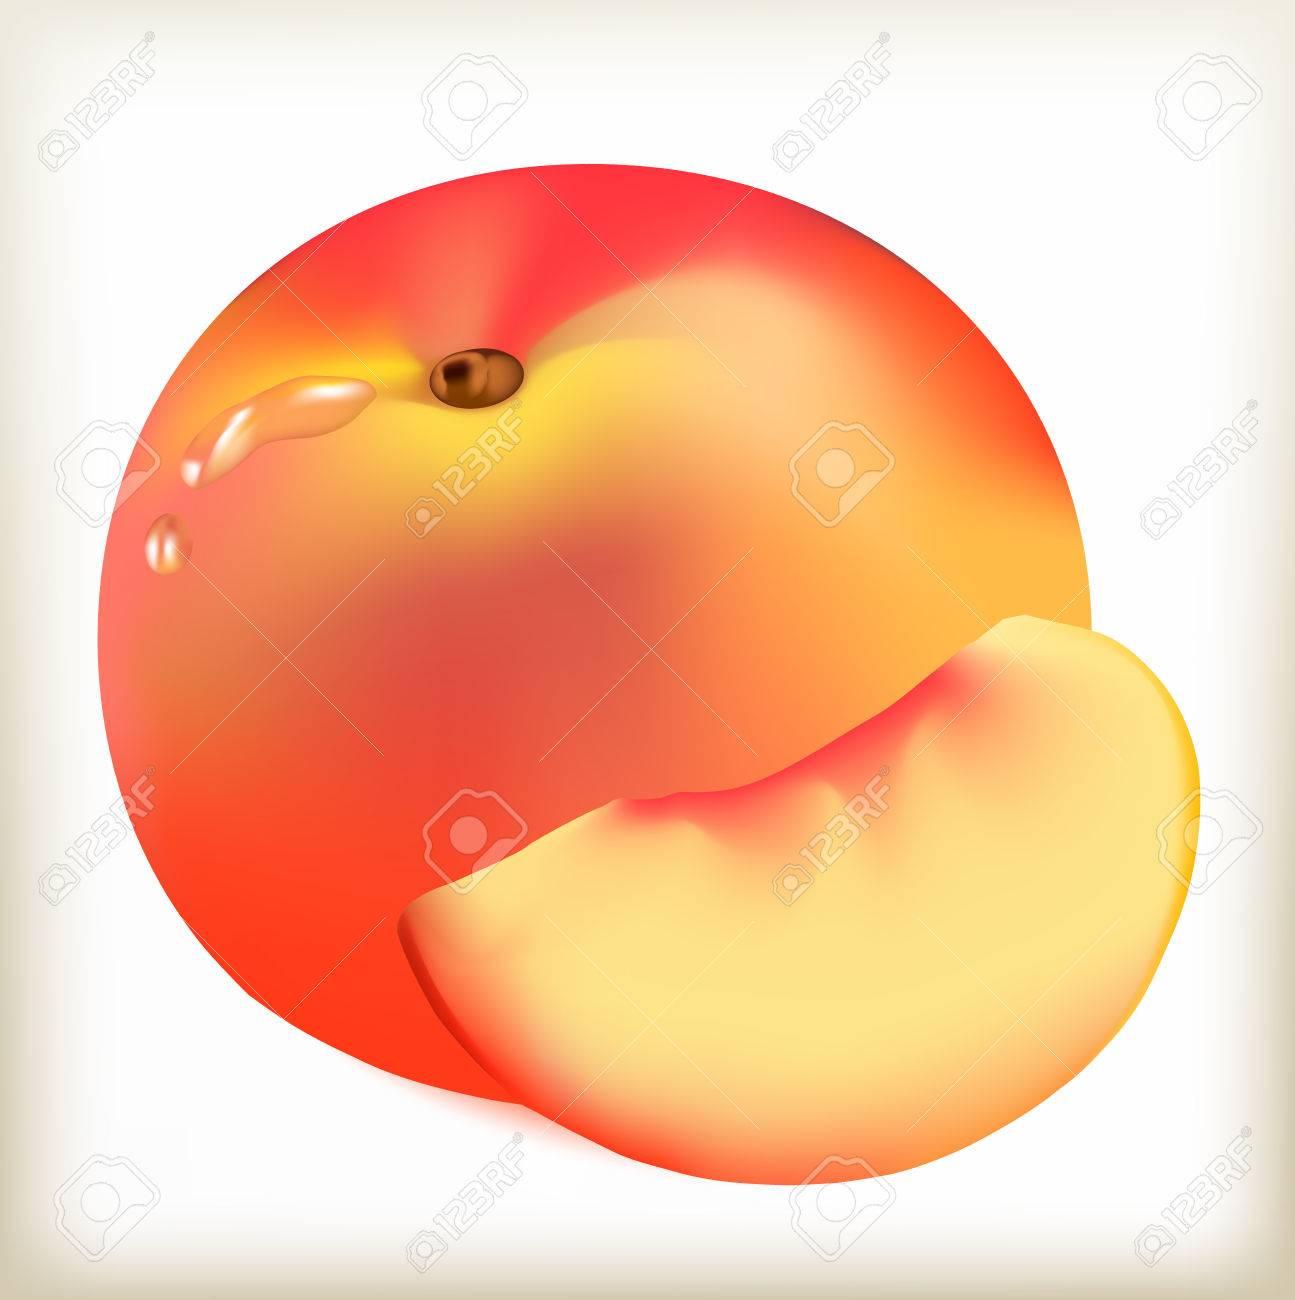 sinnbild der frucht